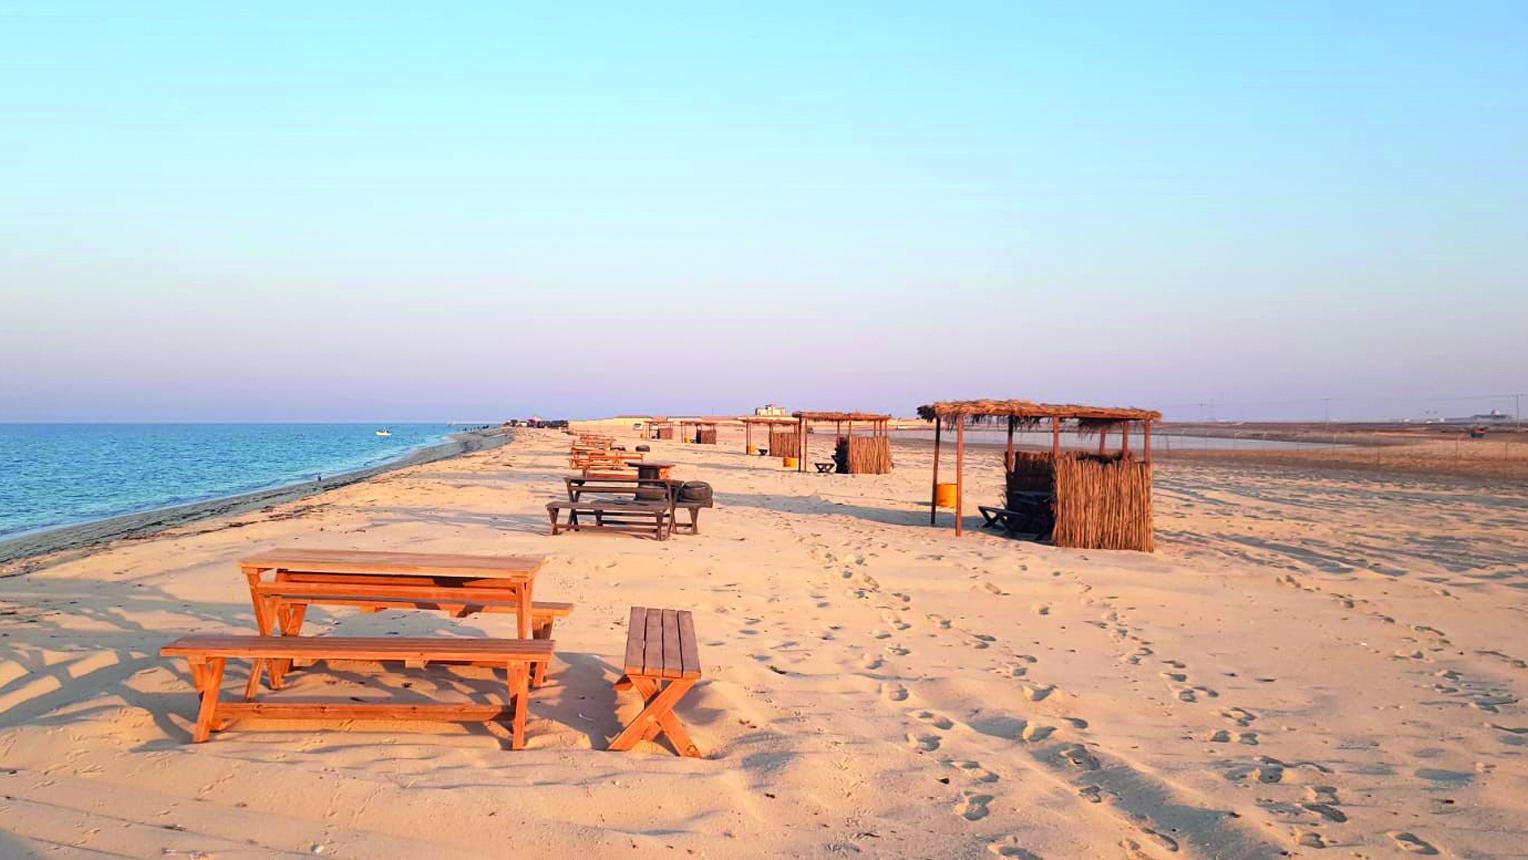 Al Shamal to soon open a beach for women